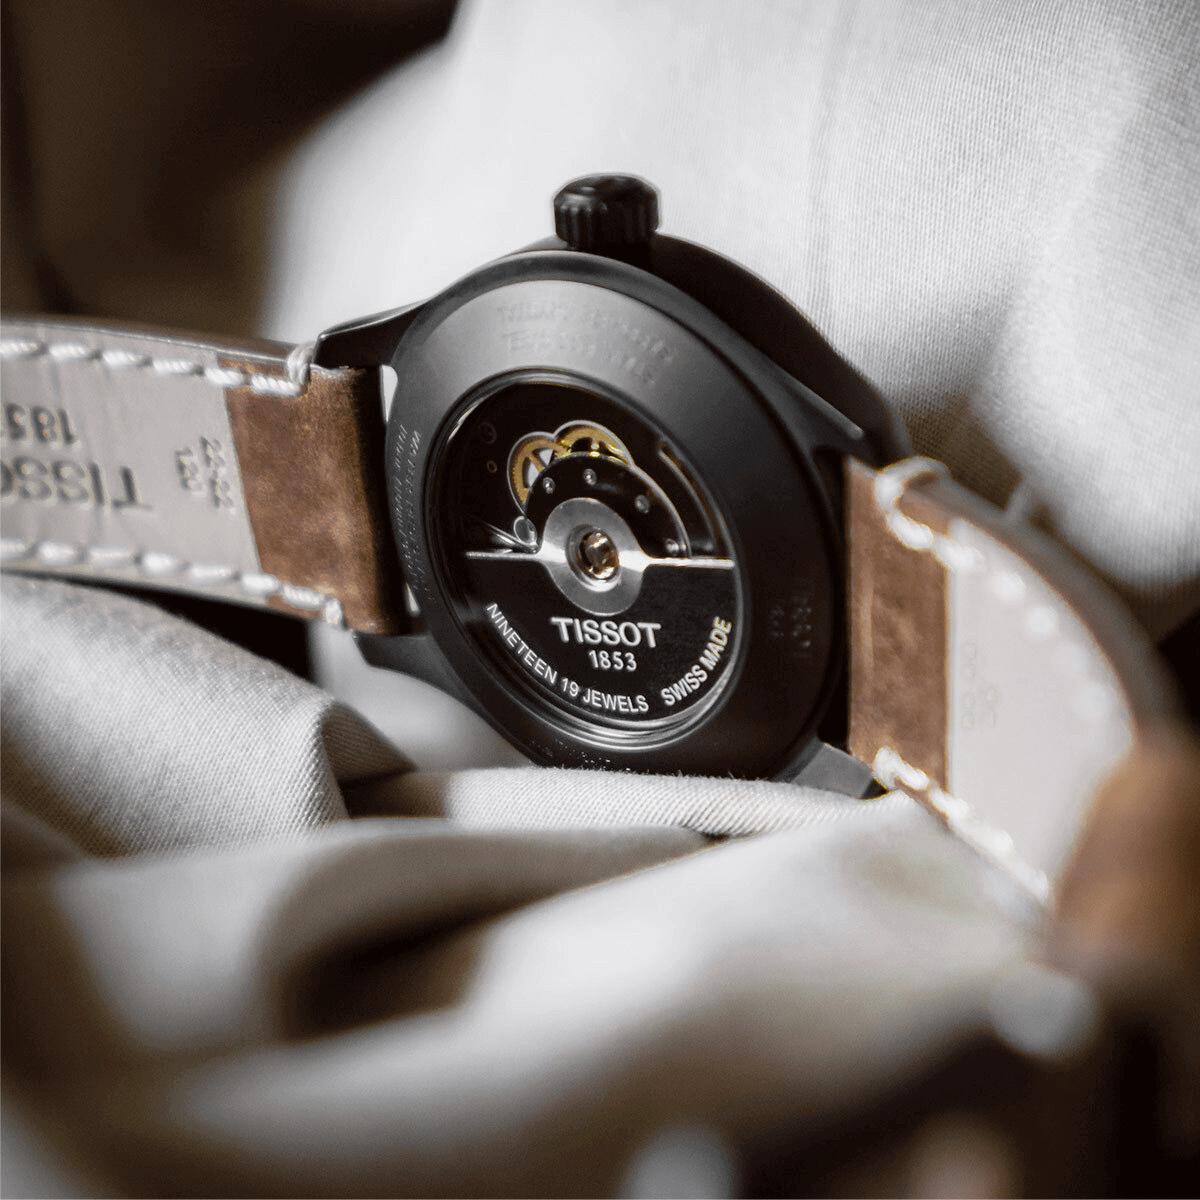 đồng hồ tissot chính hãng